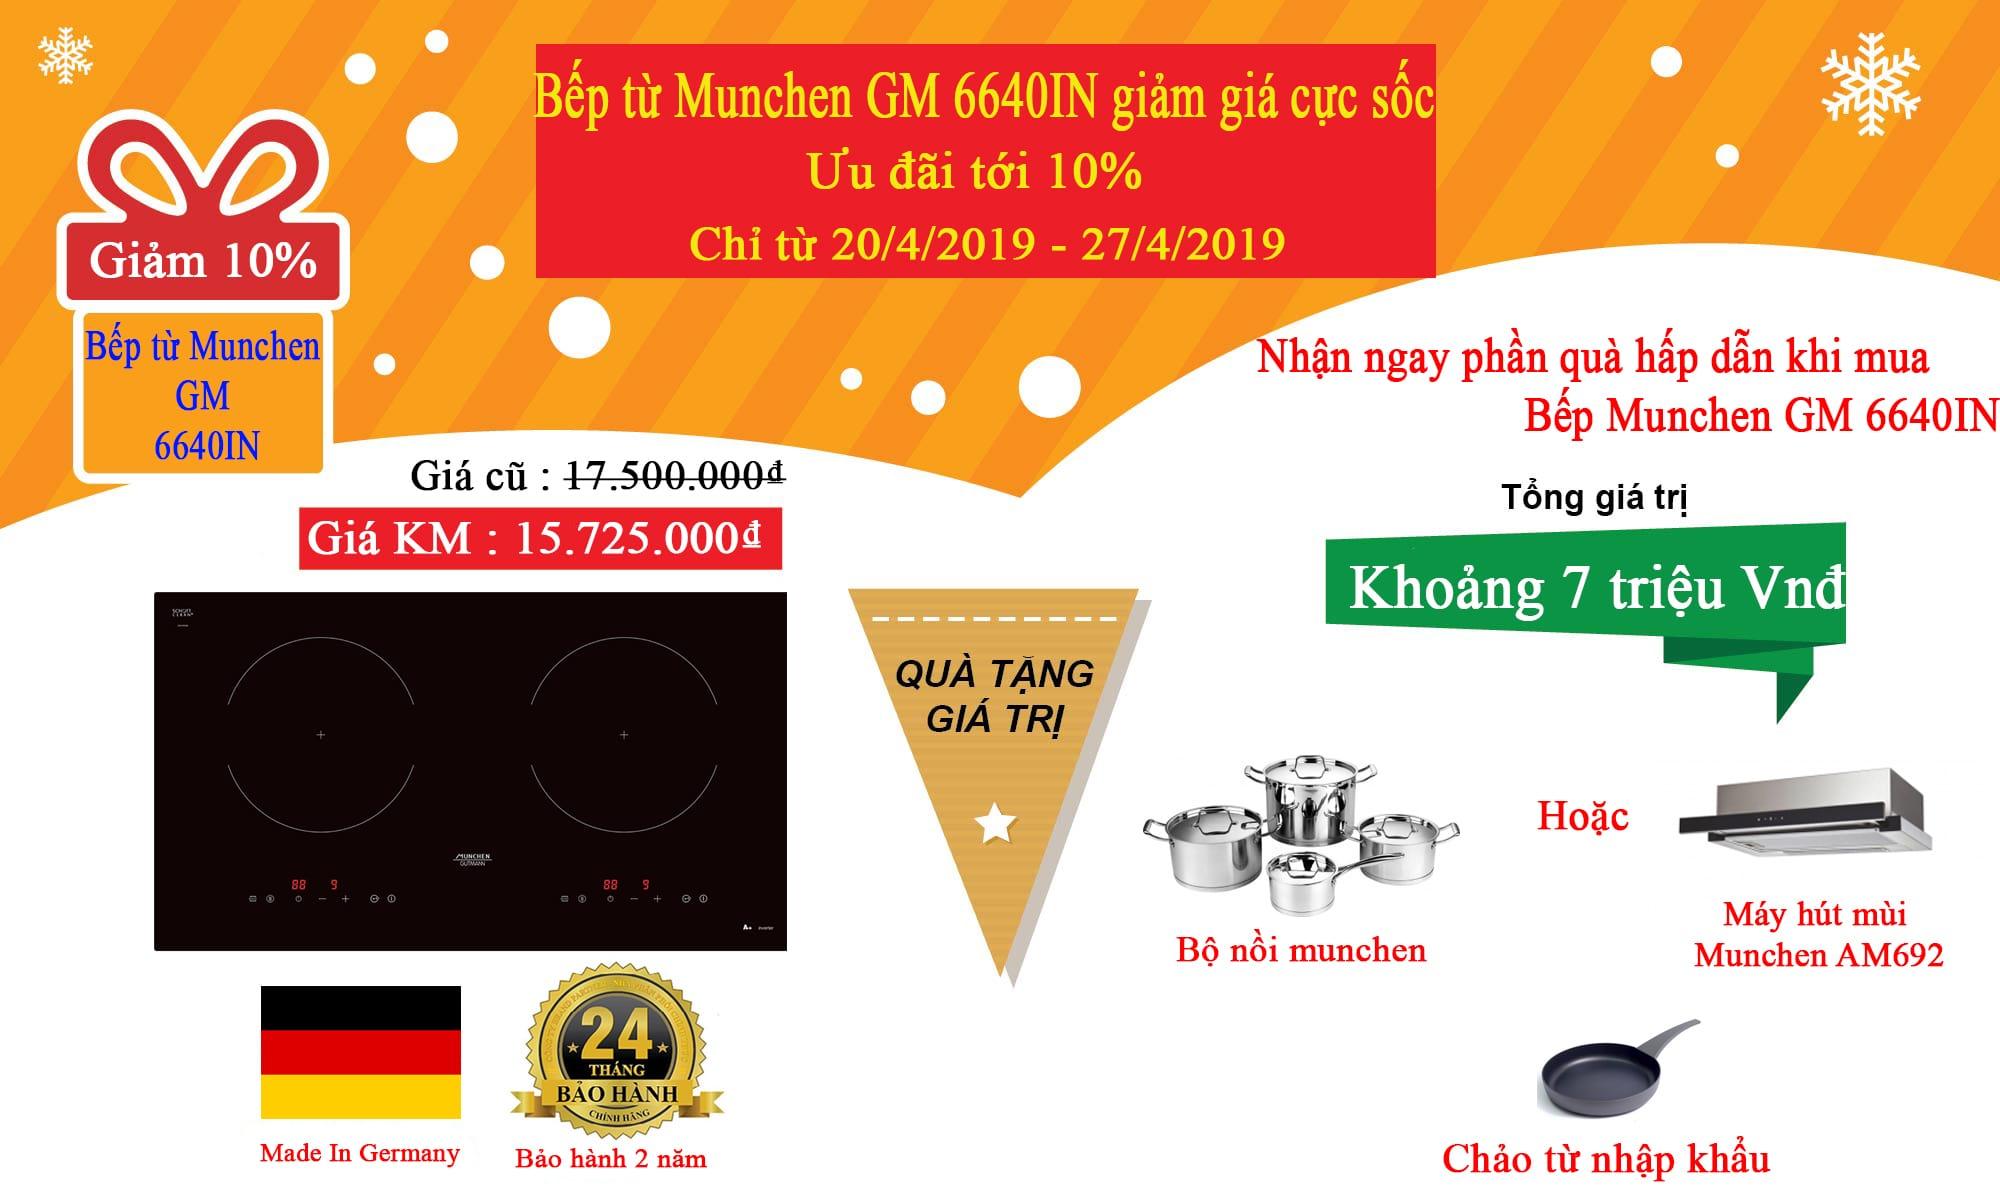 Bếp từ Munchen GM 6640IN giảm giá cực sốc, ưu đãi chỉ trong vài ngày